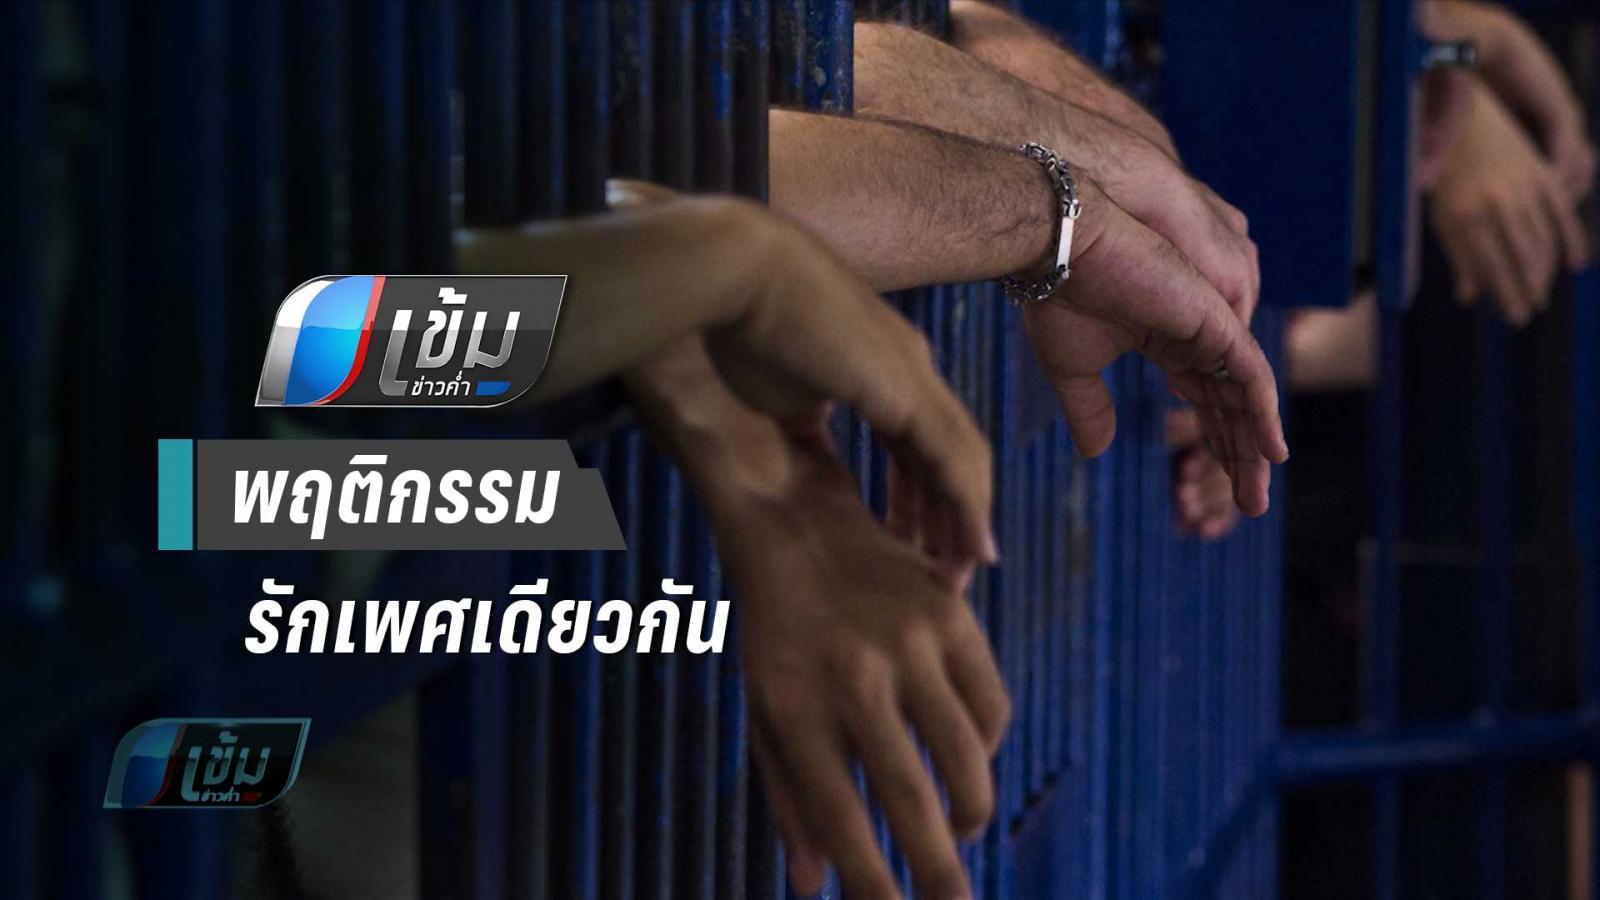 อินโดฯ เรือนจำแออัด ทำนักโทษ เบี่ยงเบนทางเพศ